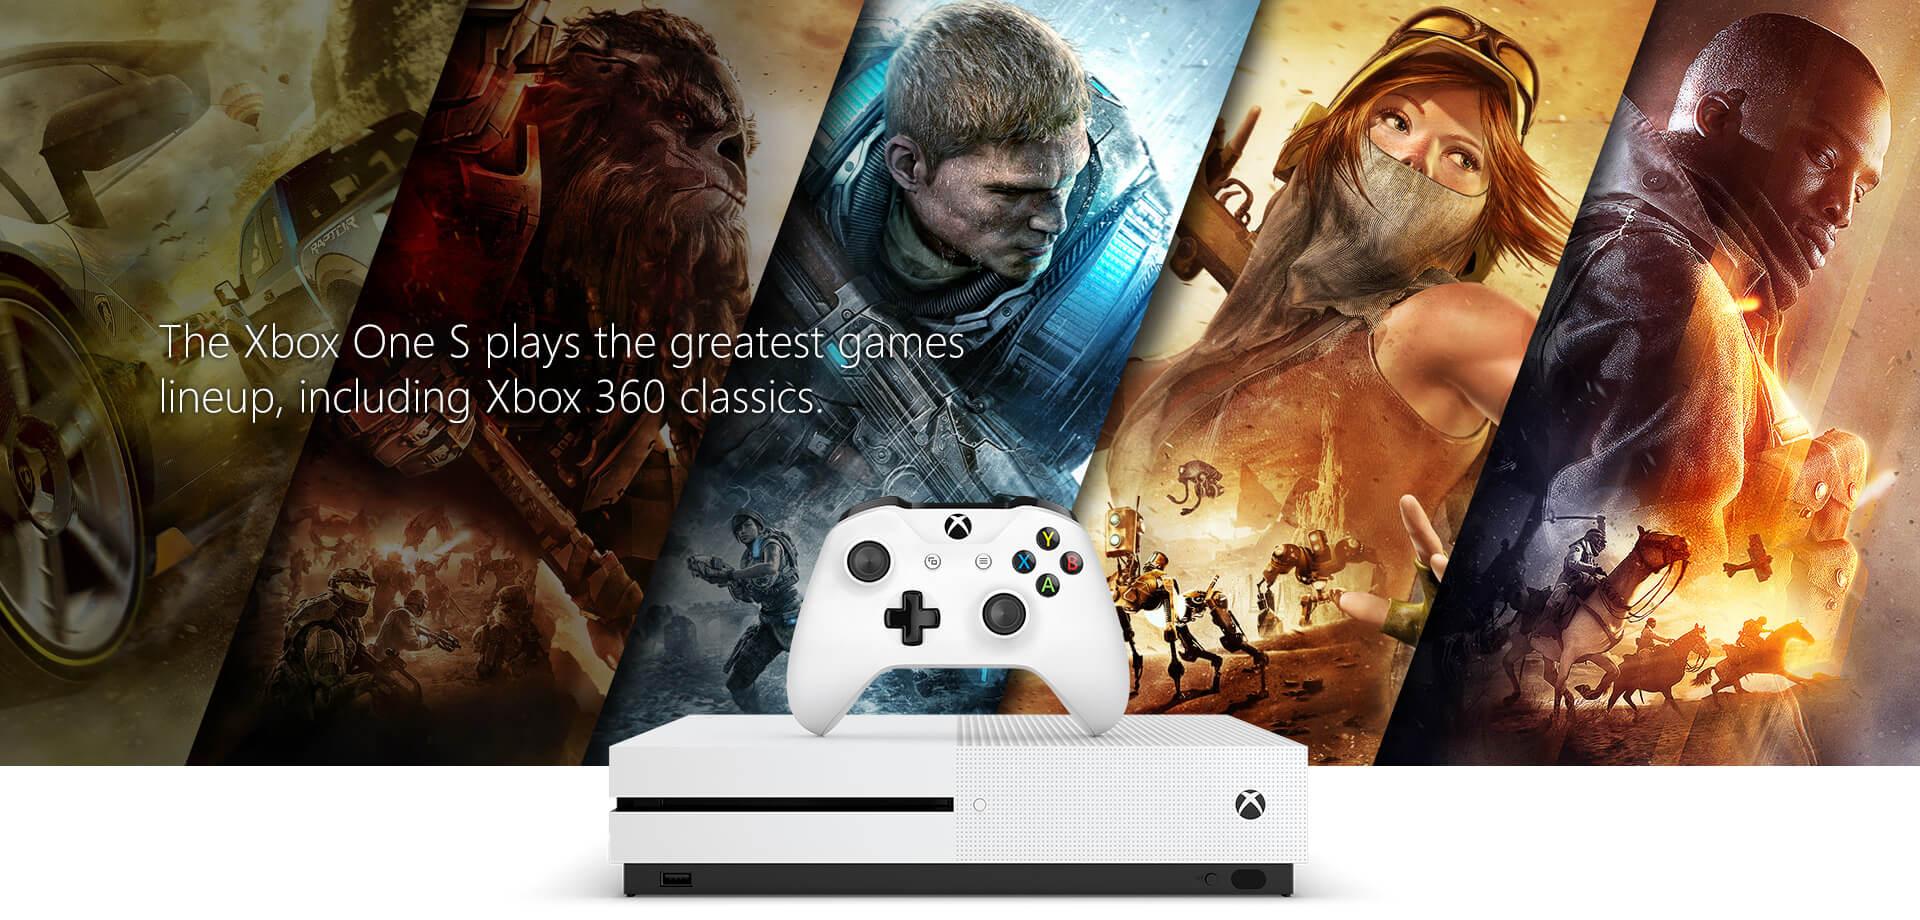 Xbox S X360